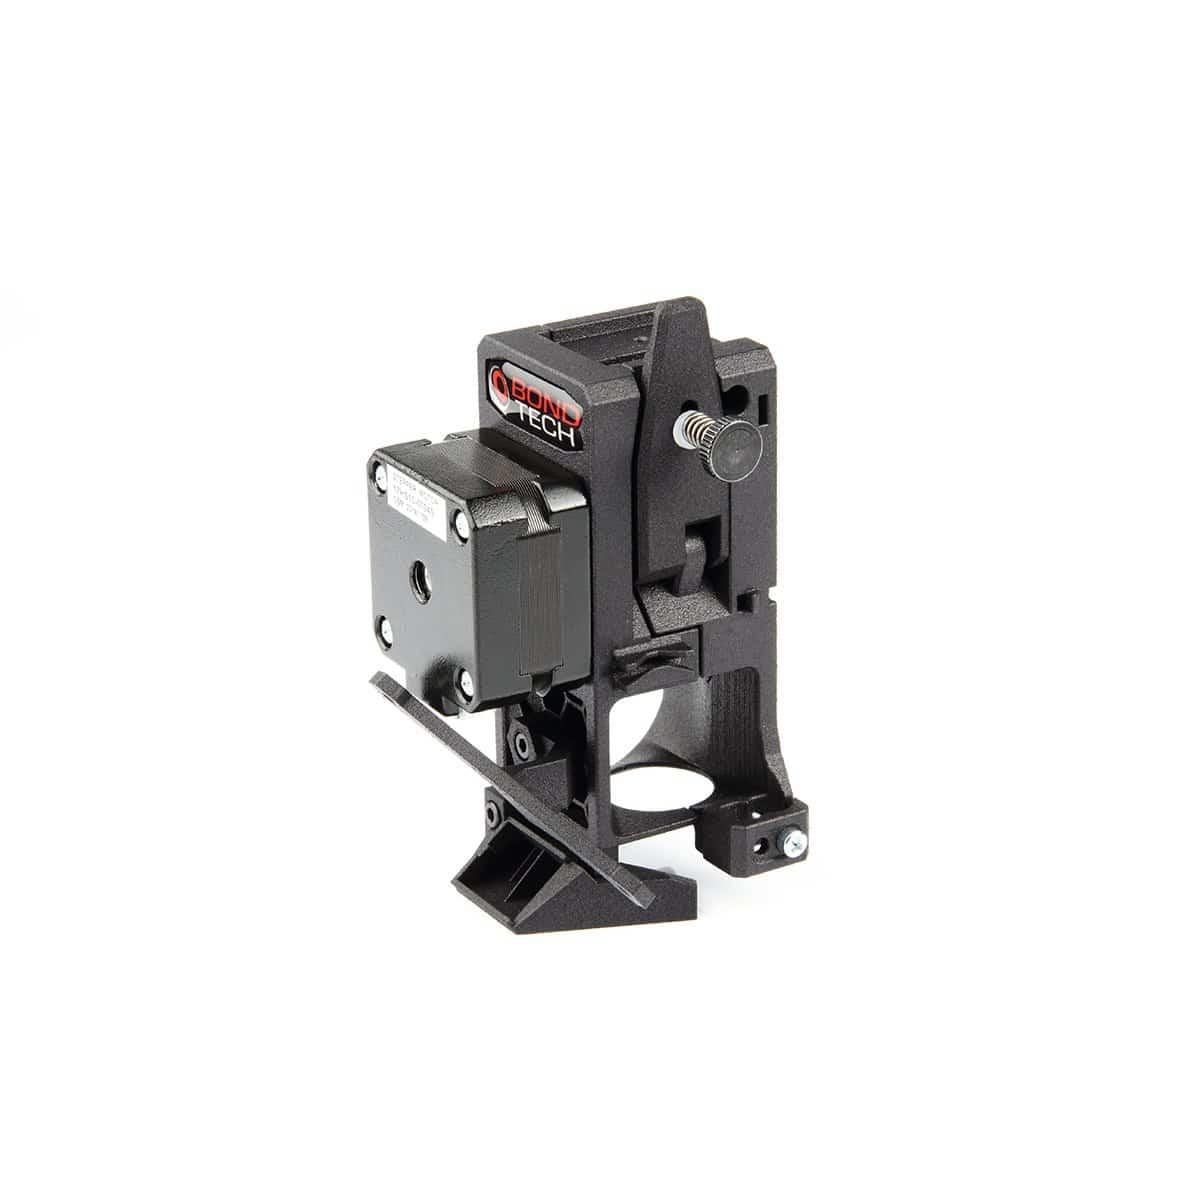 Køb Prusa I3 mk2.5-mk3 extruder upgrade til 1.299,00 kr.